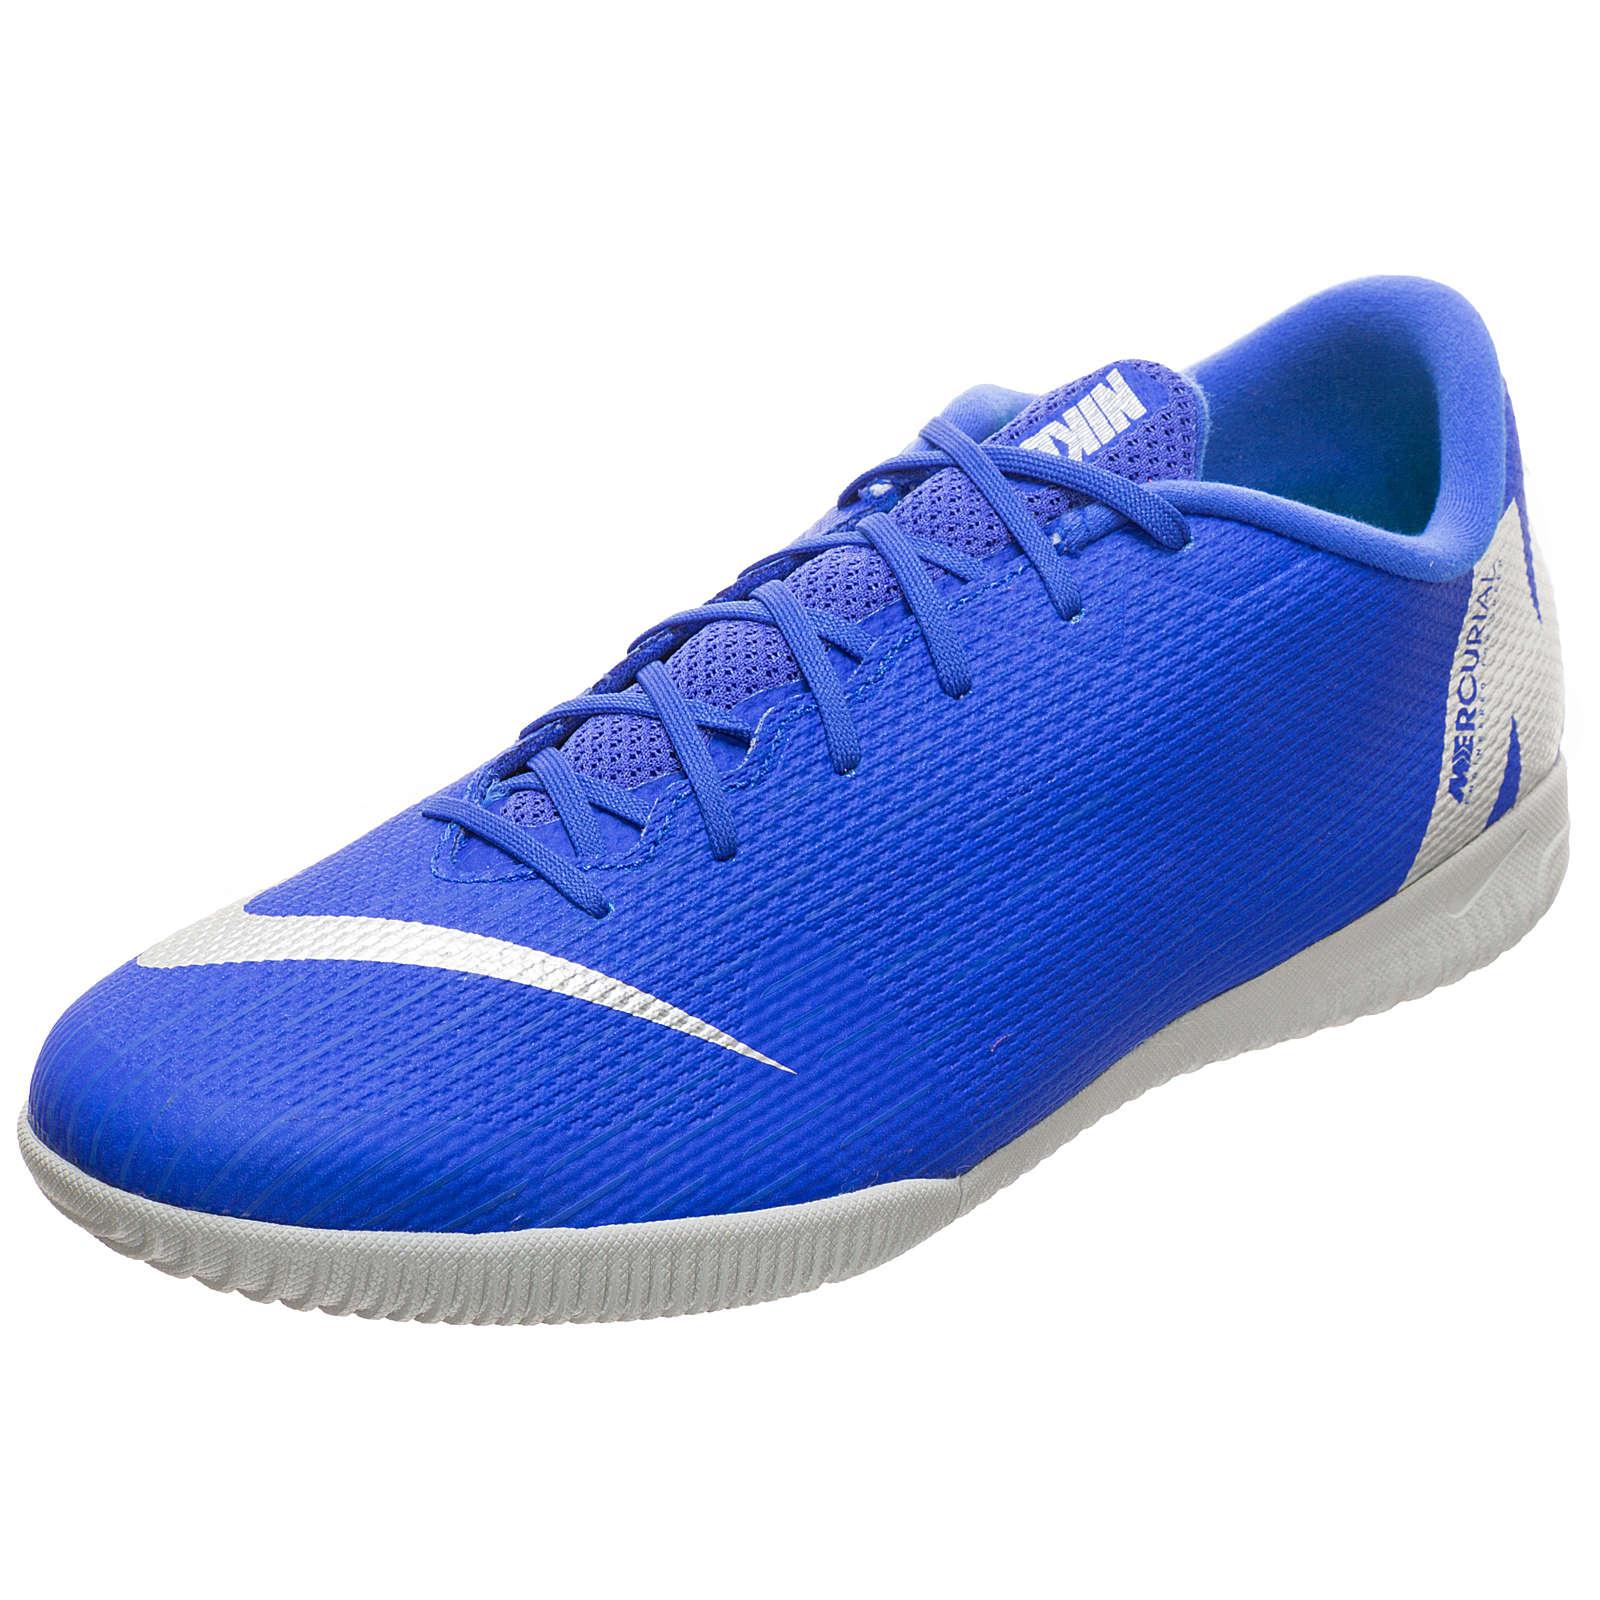 Nike Performance Mercurial VaporX XII Academy Indoor Fußballschuh Herren blau/silber Herren Gr. 38,5